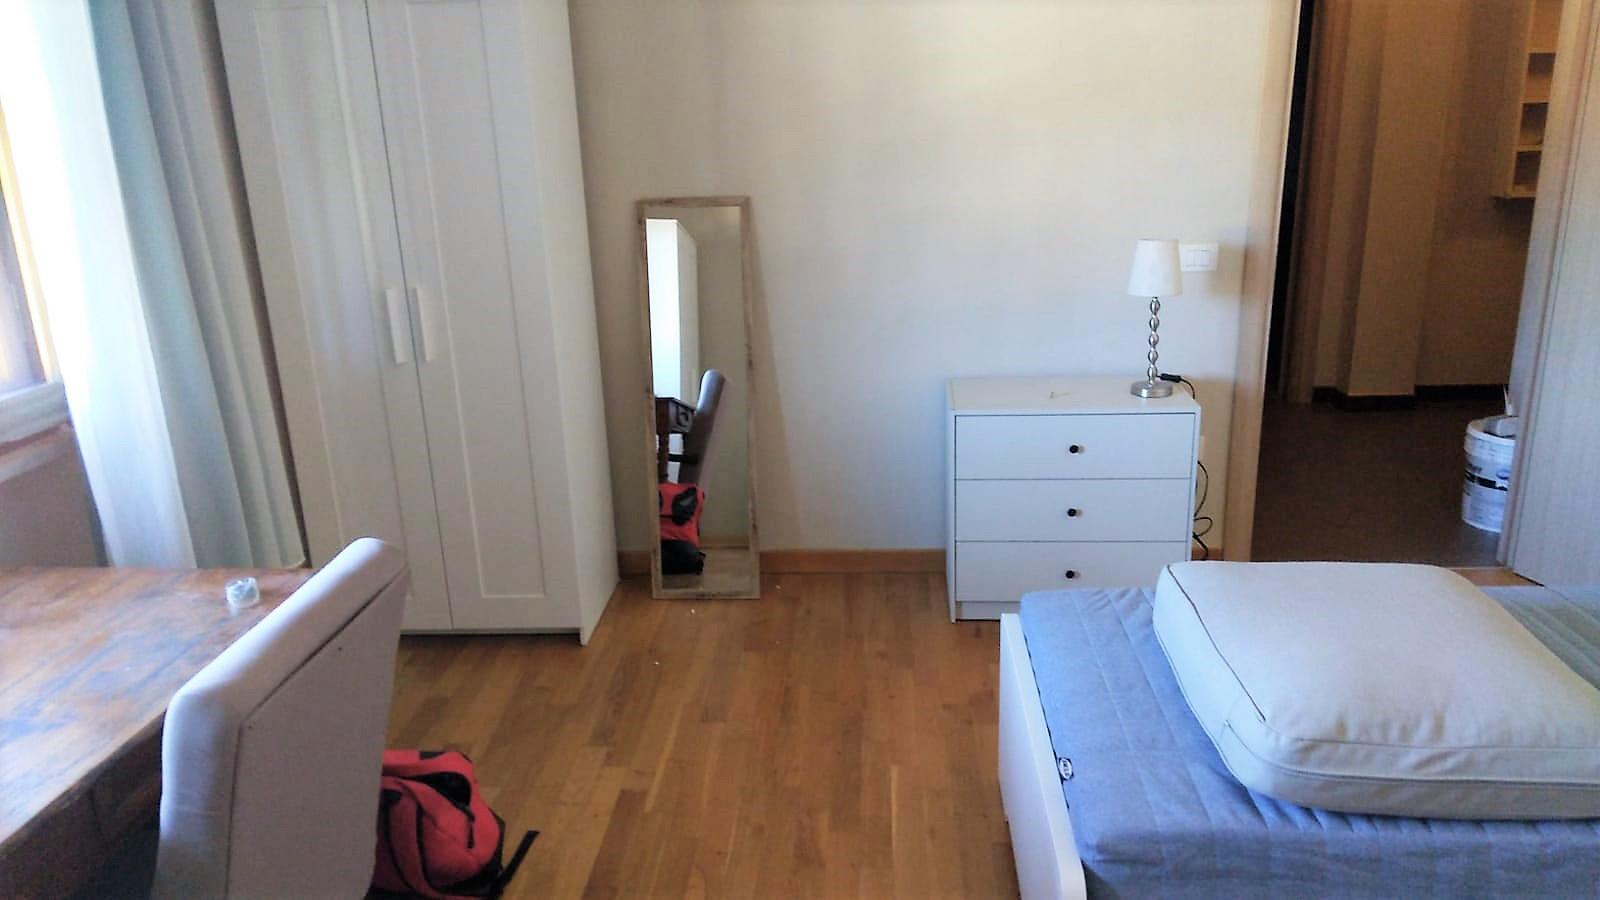 PISTOIA,51100,2 Bedrooms Bedrooms,1 BagnoBathrooms,Appartamento,1478